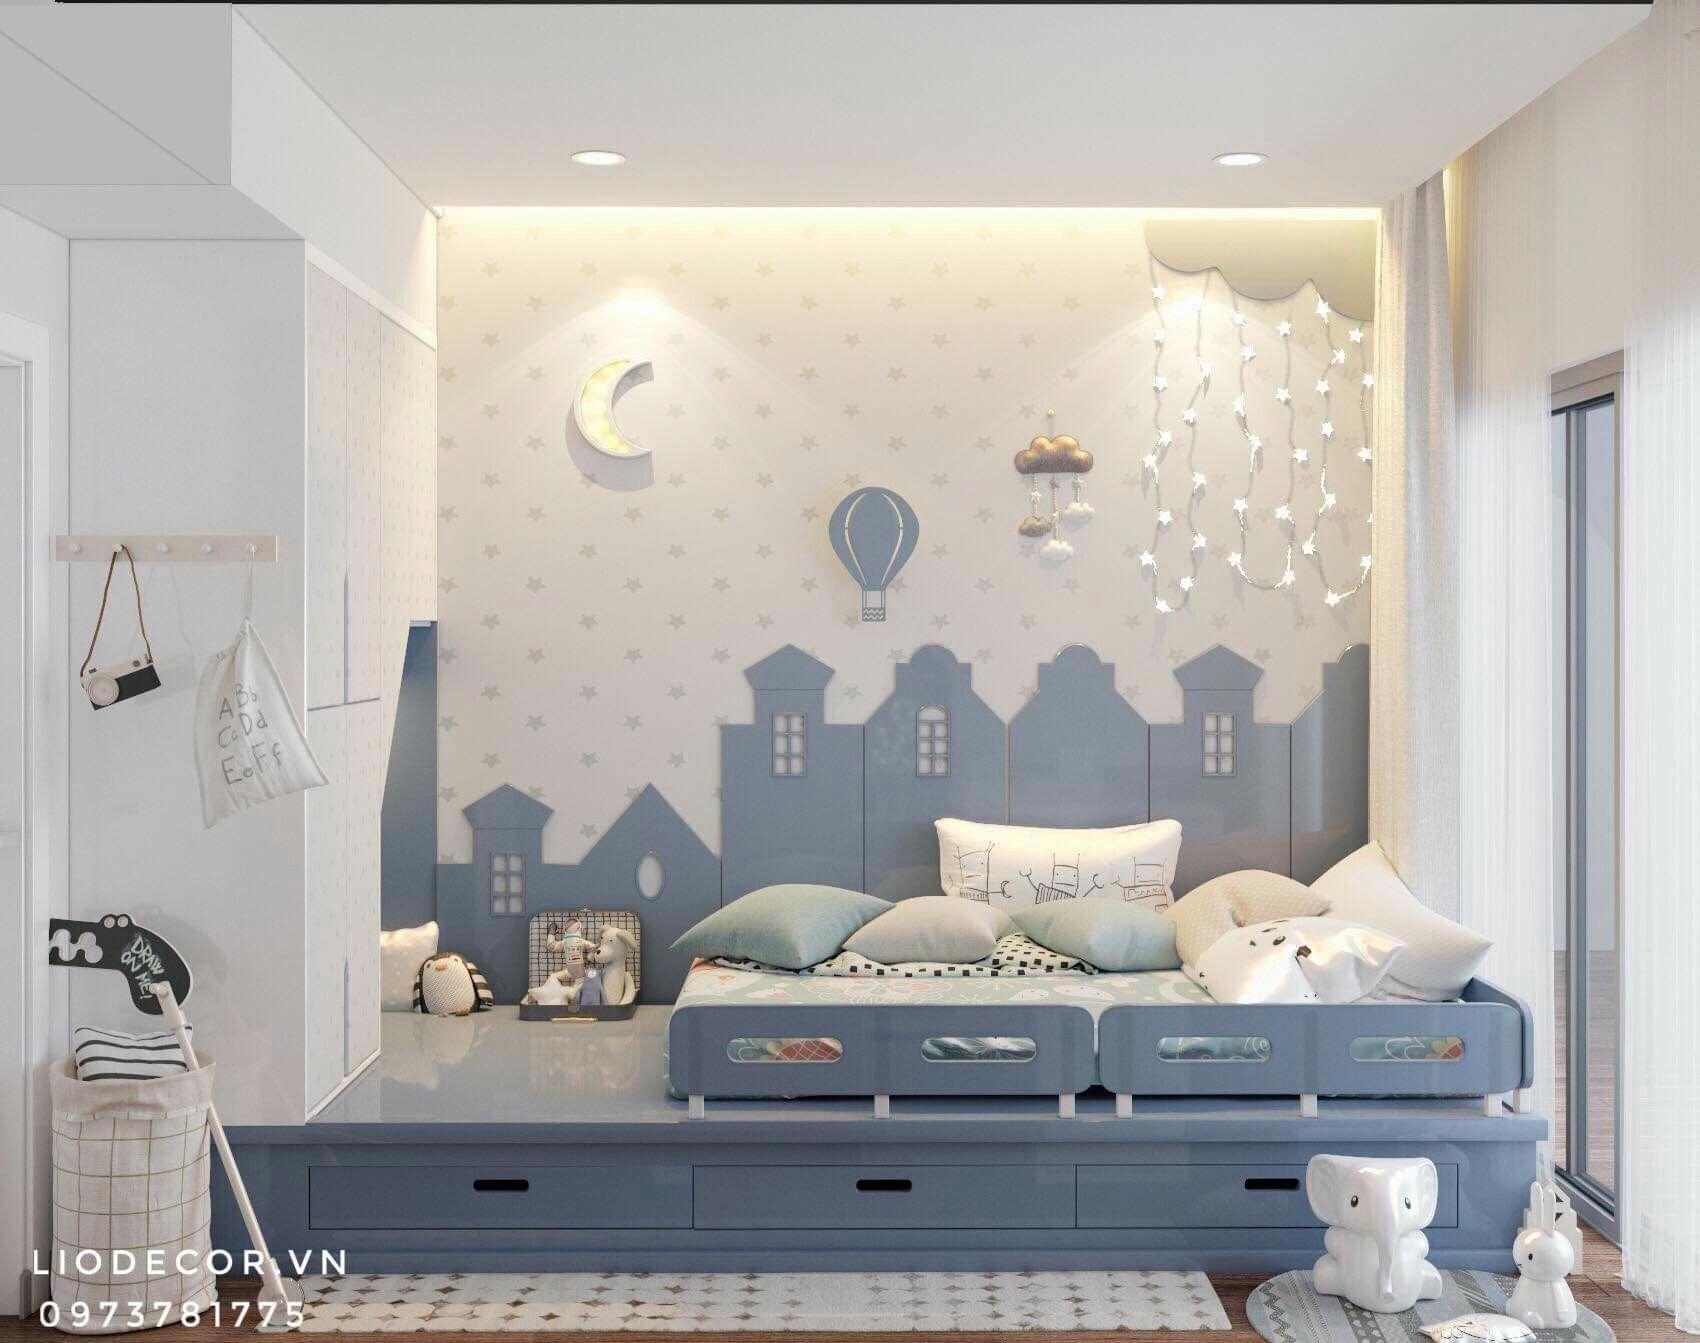 22 Kinderzimmer wand design ideen